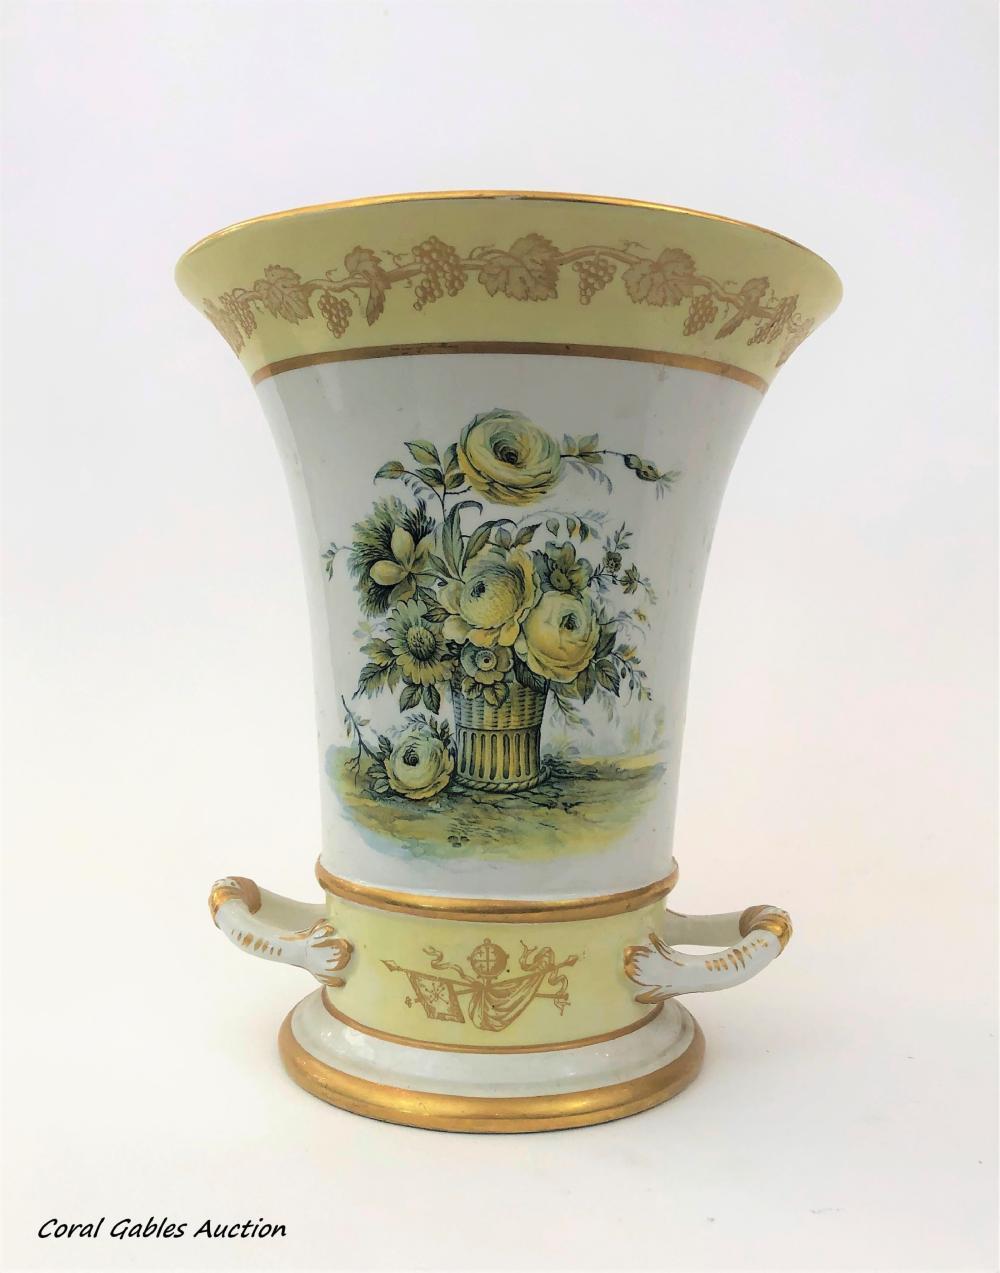 Italian porcelain vase. Signed A. Mottahedeh design.